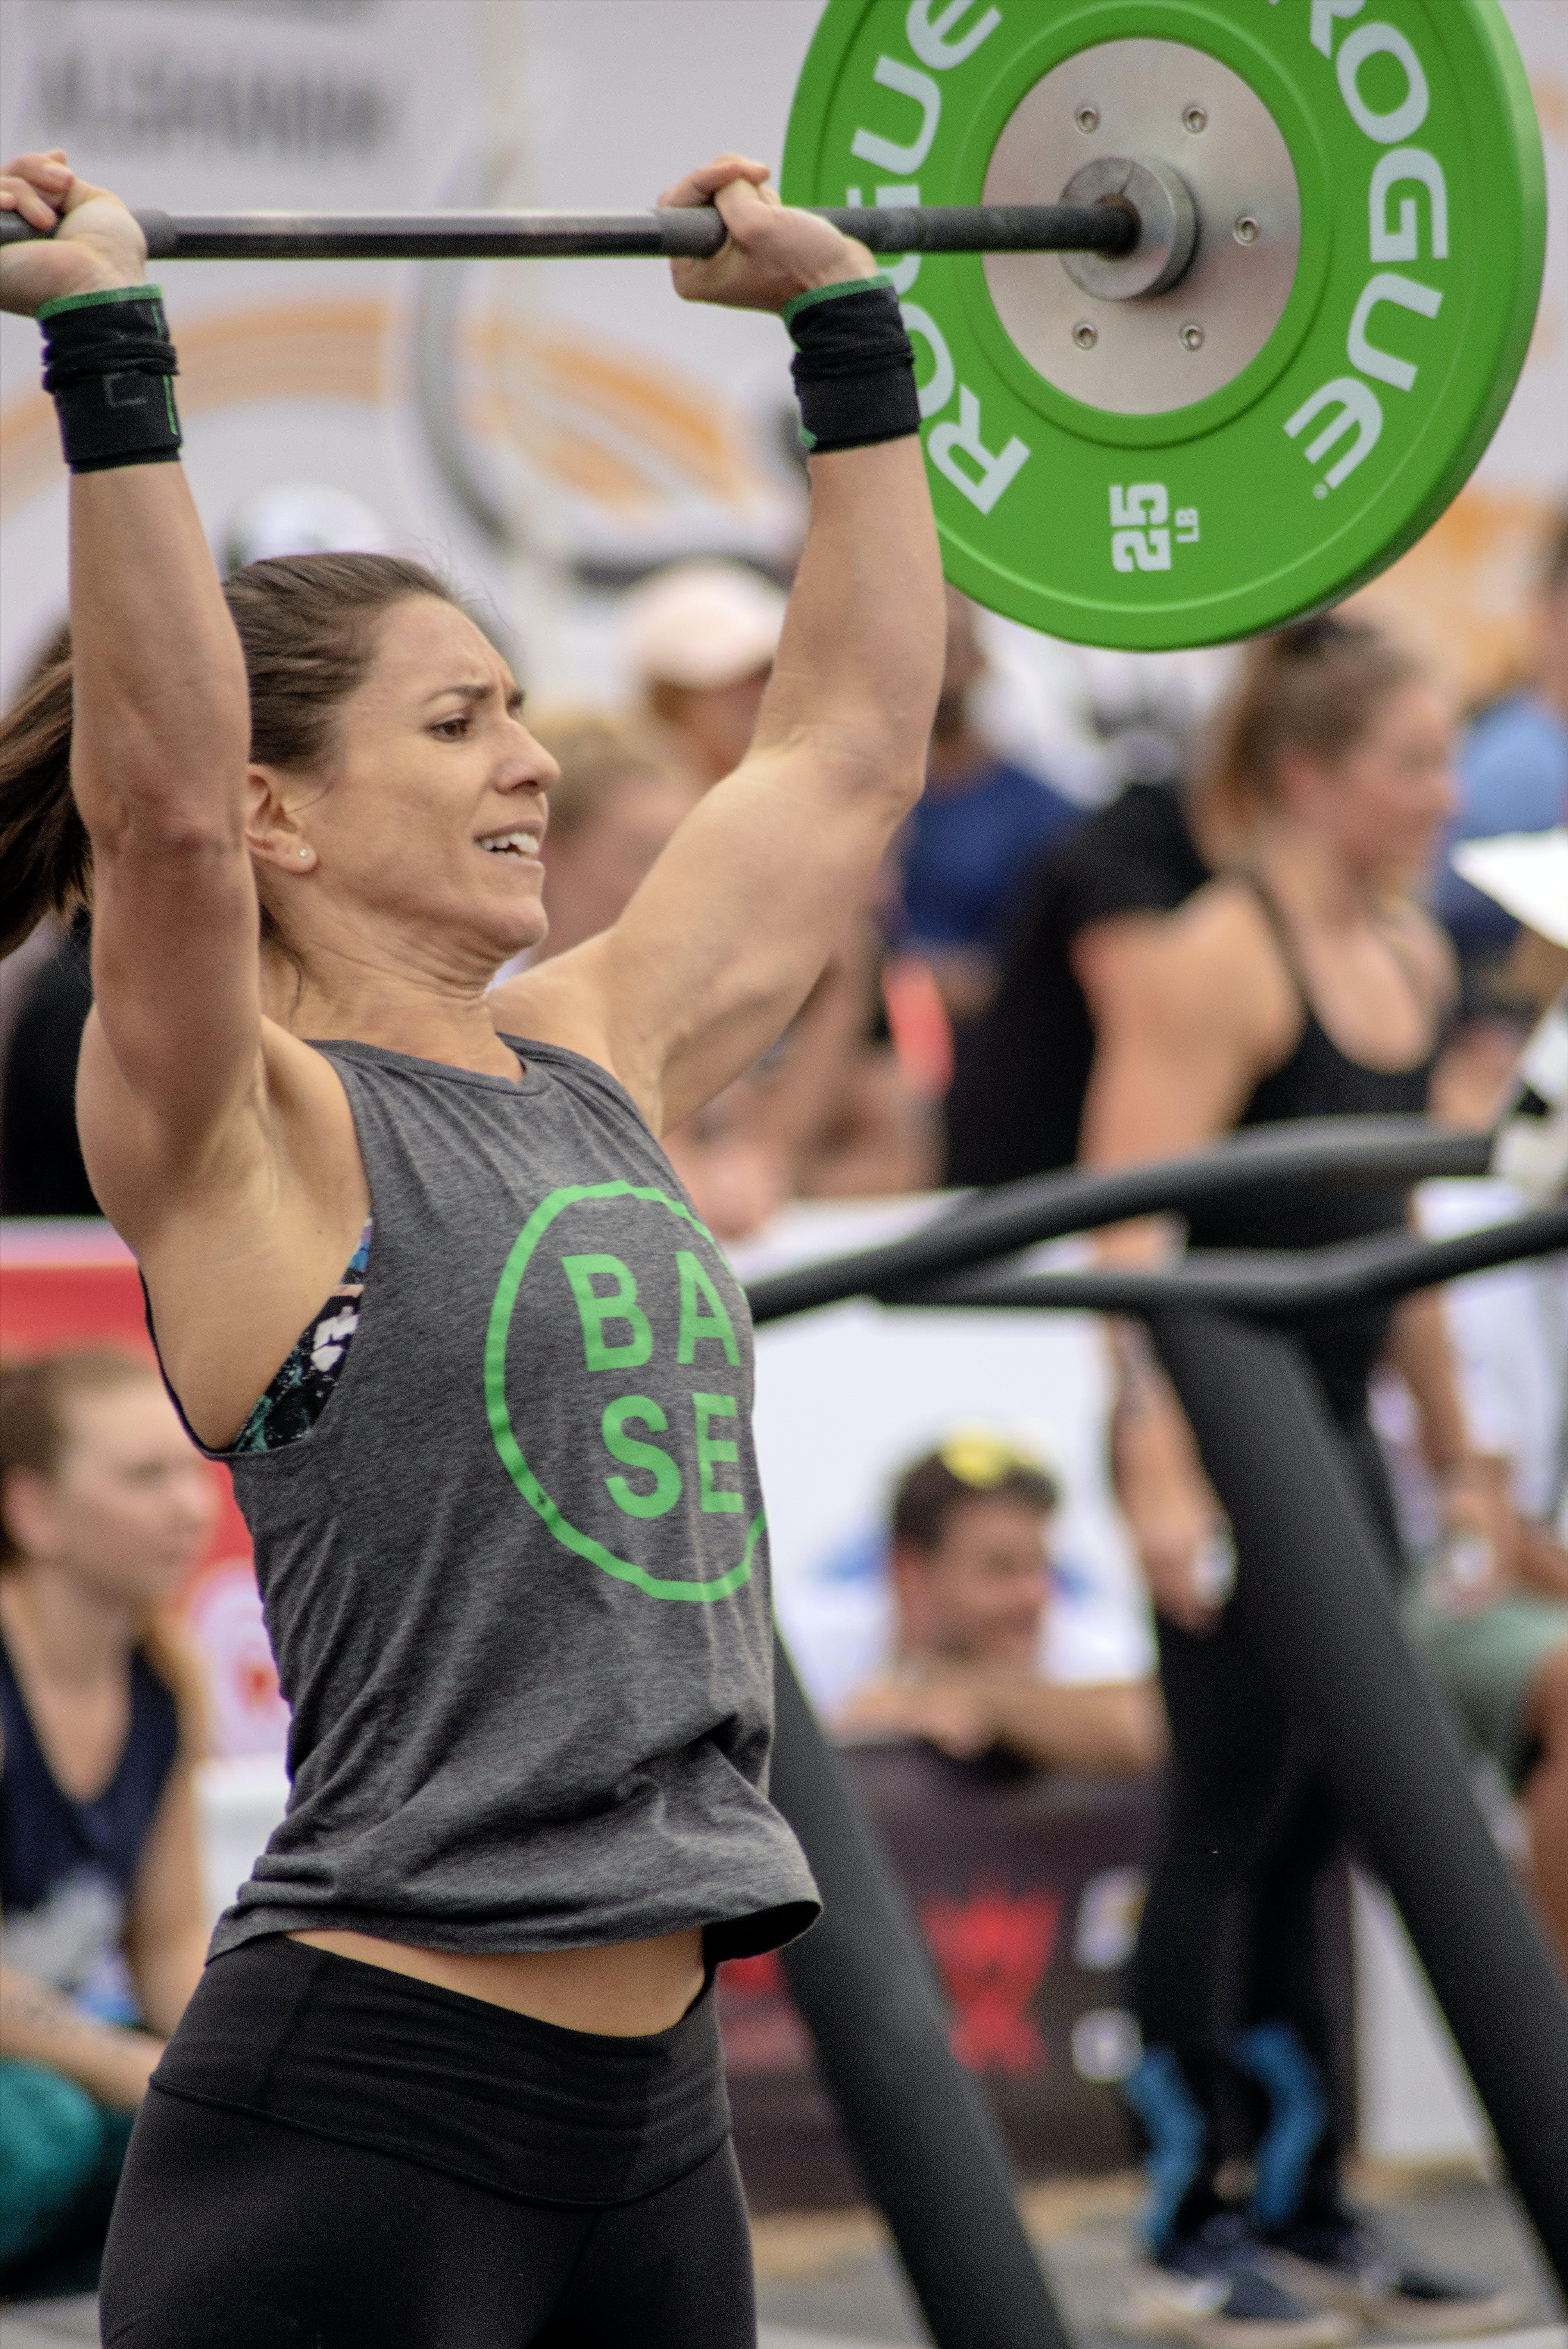 aktiv, anstrengelse, atlet